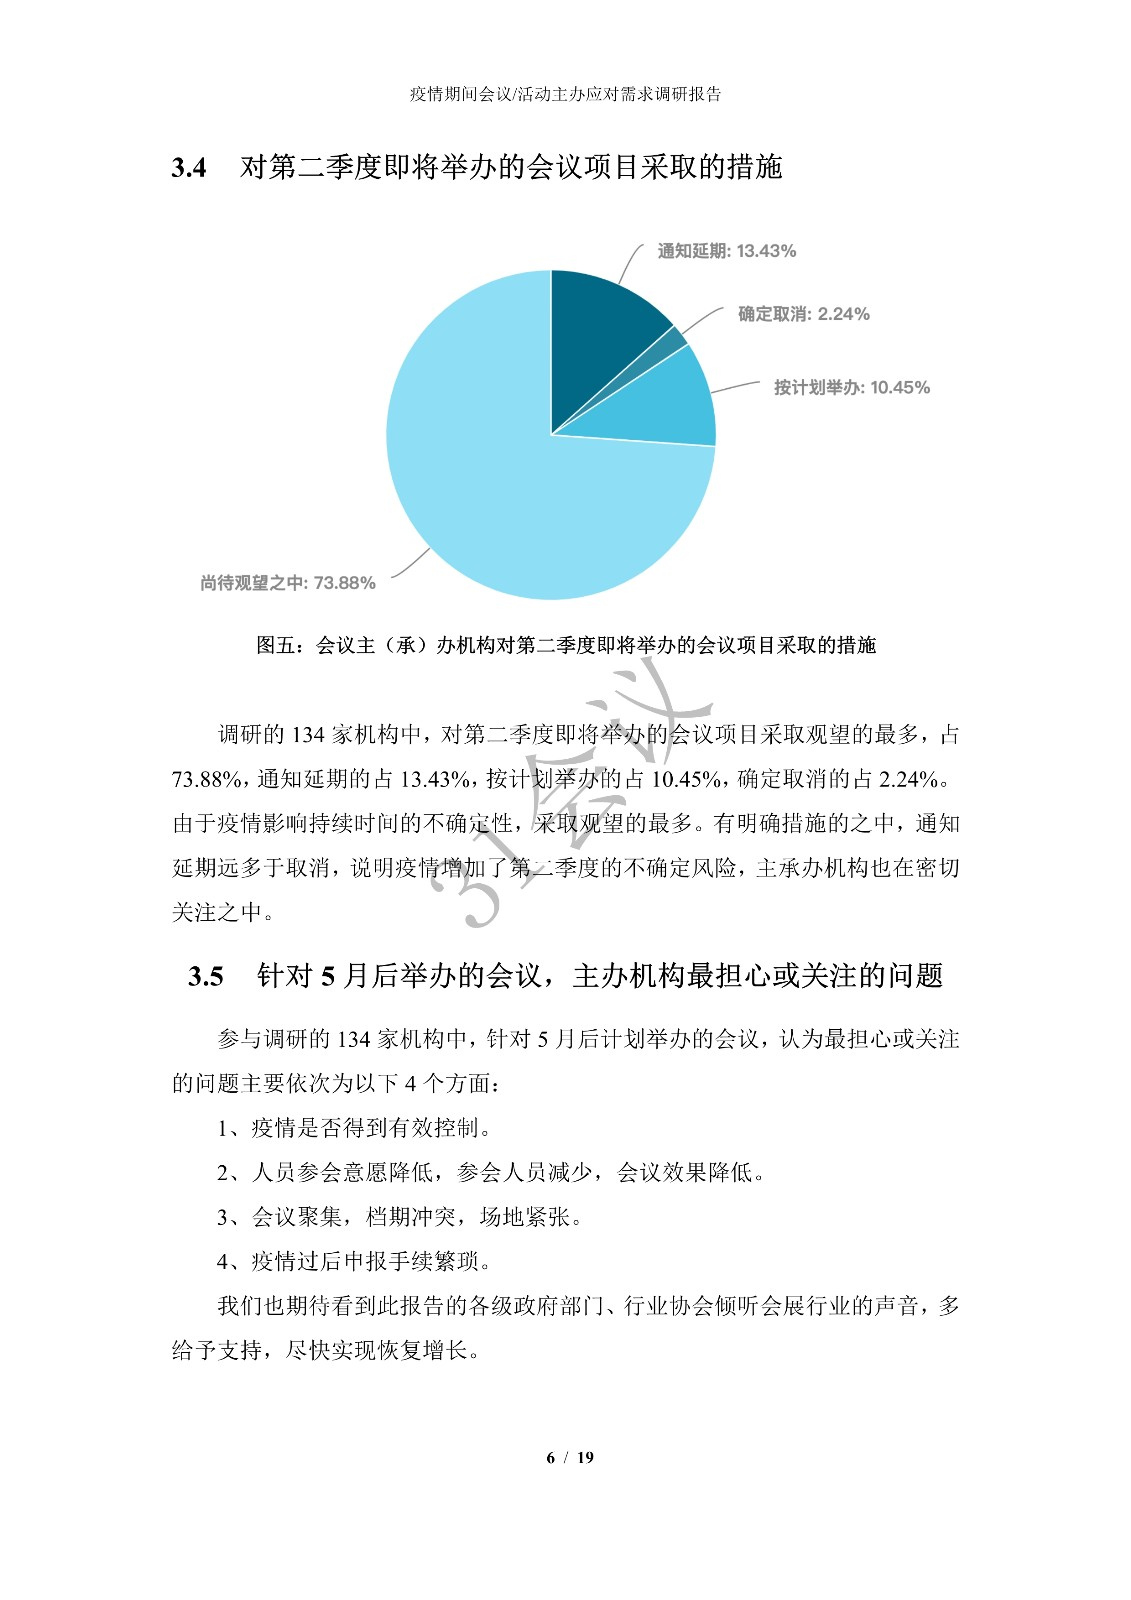 新型冠状病毒肺炎疫情期间 会议活动主办应对需求调研报告_5.jpg